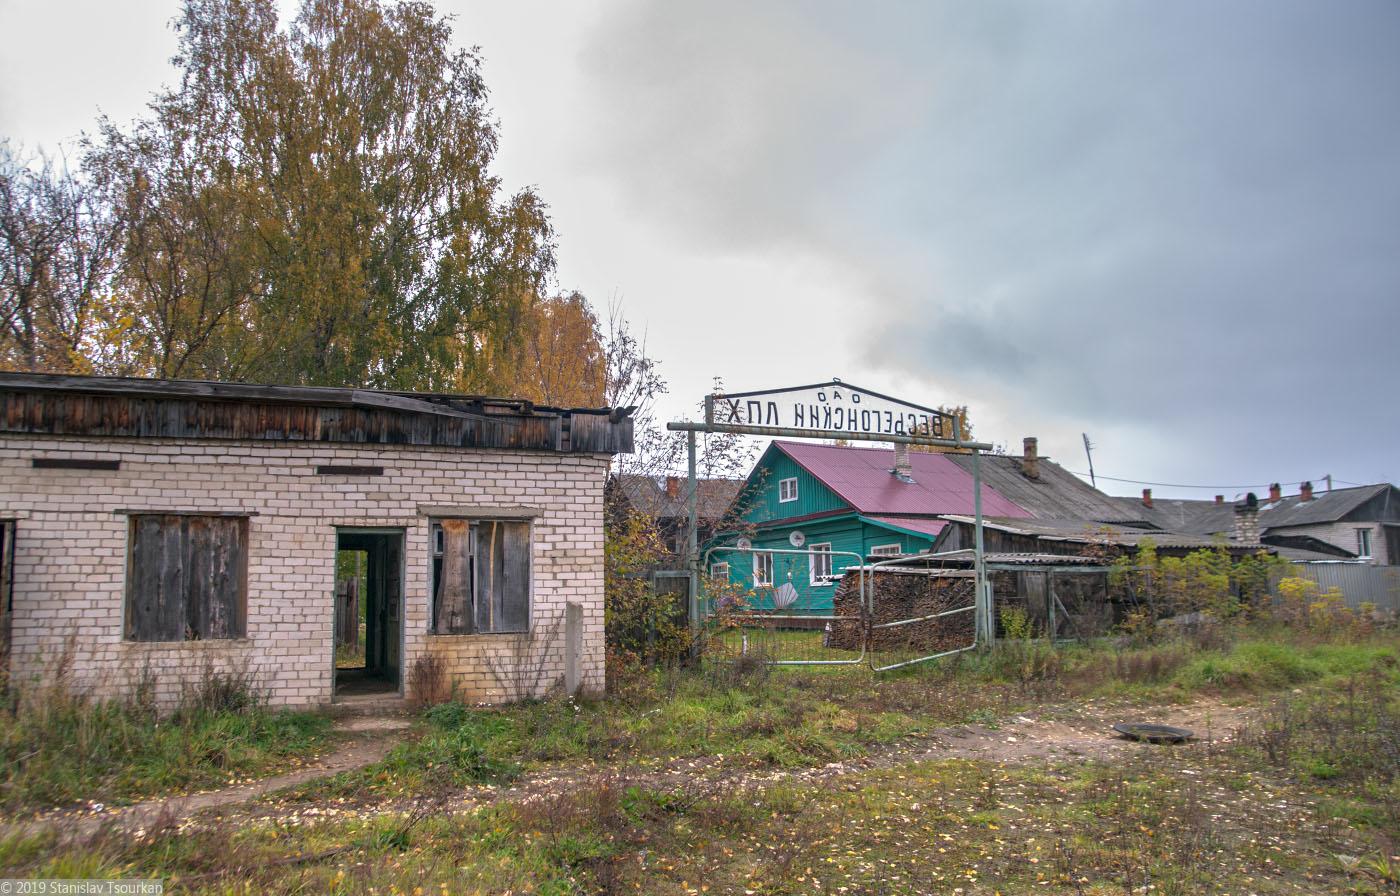 Весьегонск, Тверская область, лпх, леспромхоз, весьегонский лпх